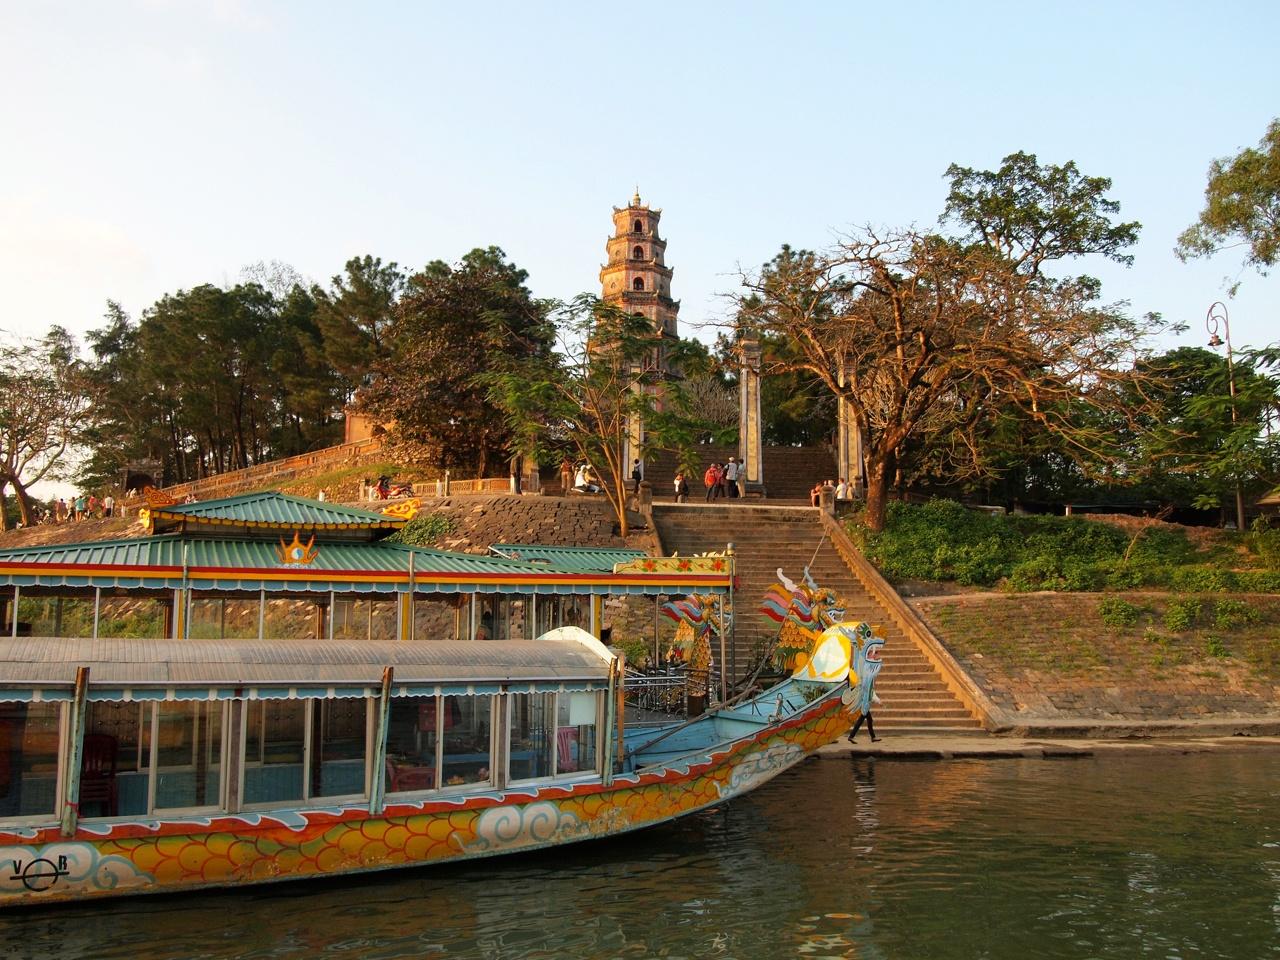 Dragon boats at Thien Mu Pagoda in Hue, Vietnam